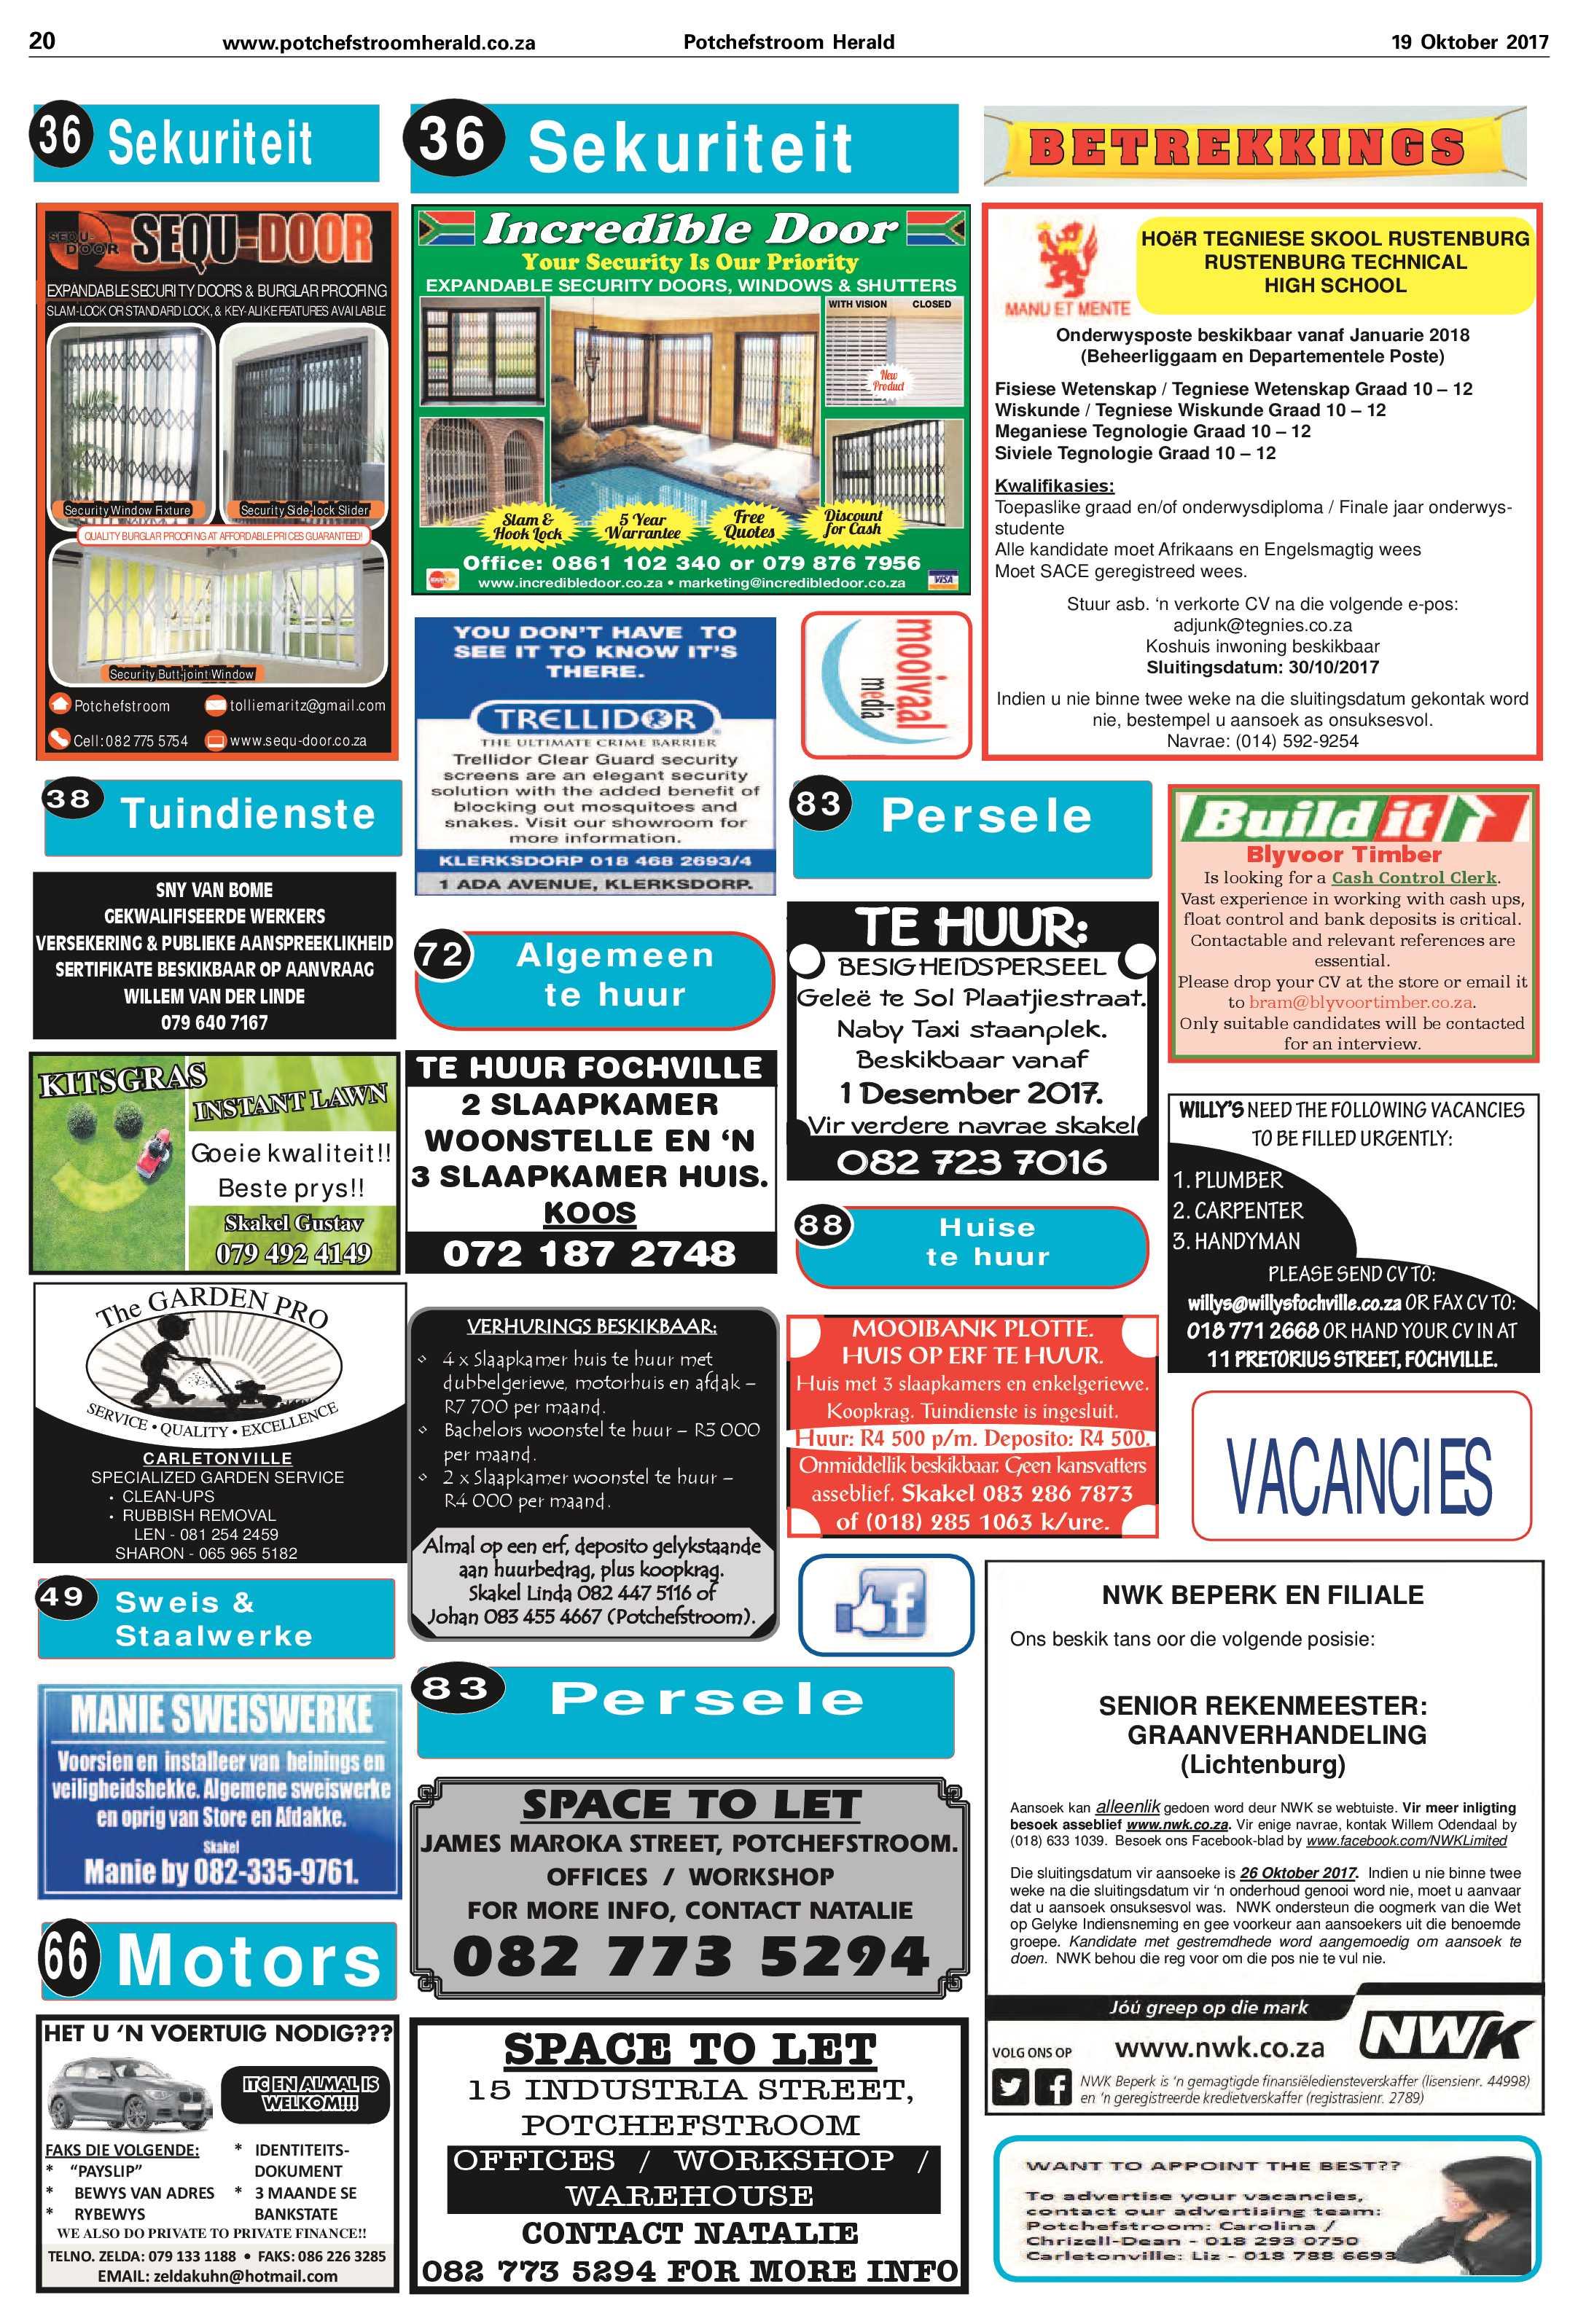 19-oktober-2017-epapers-page-20